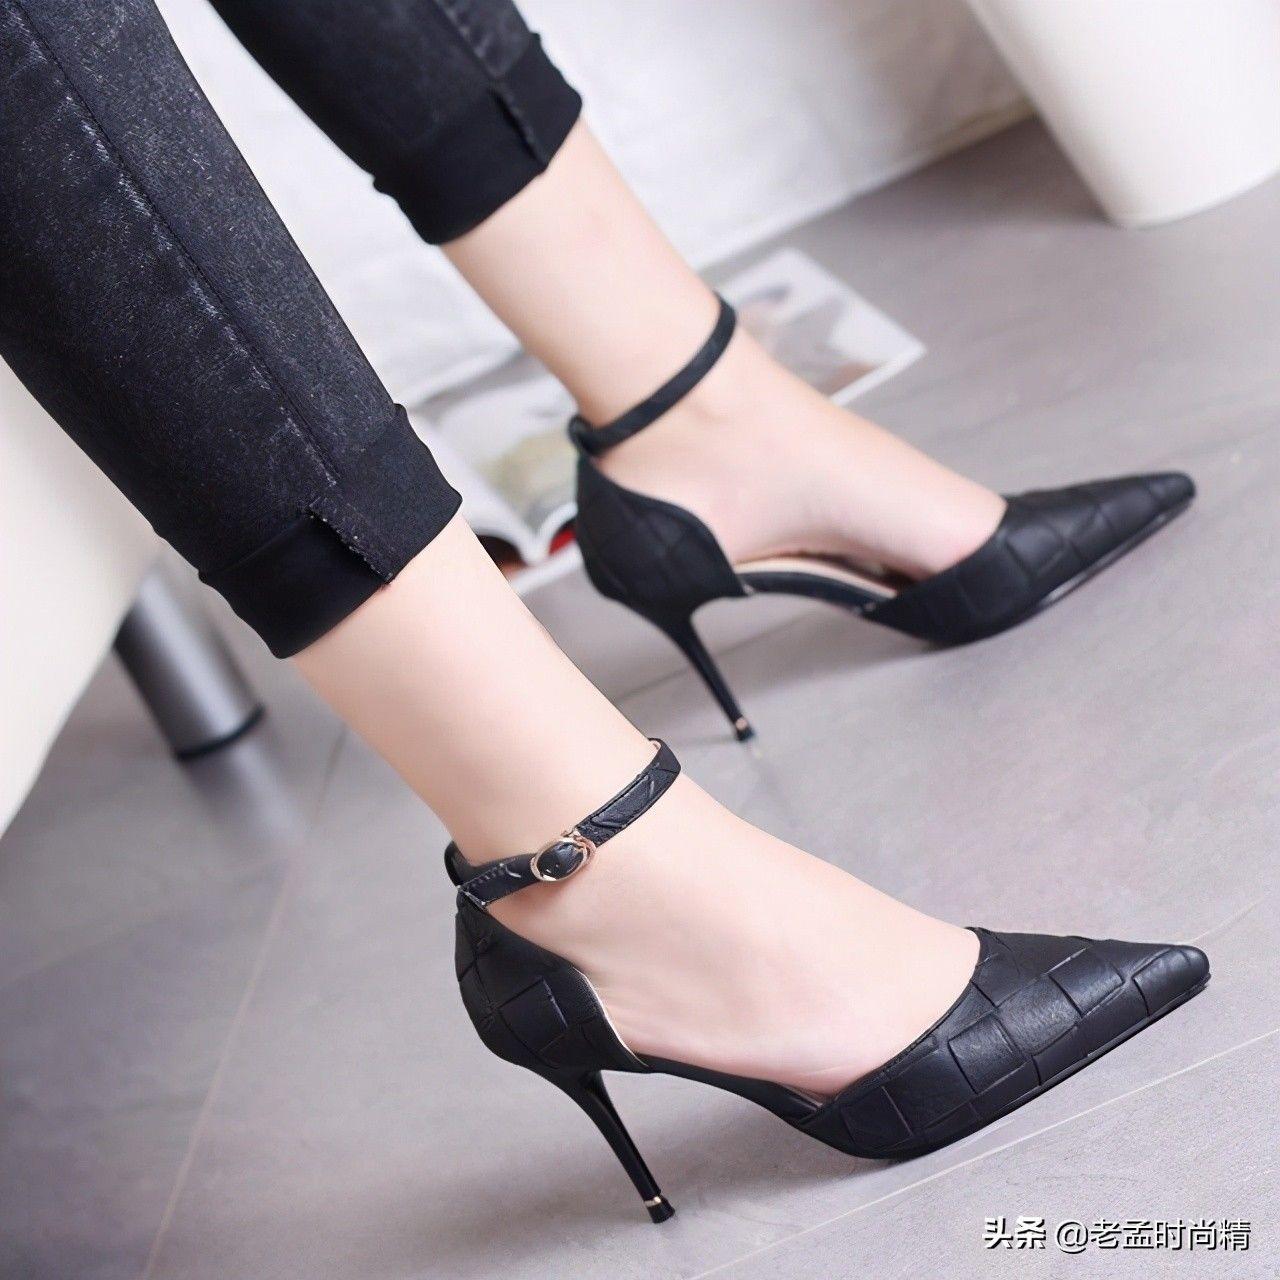 有一種氣場叫,穿高跟鞋的女人